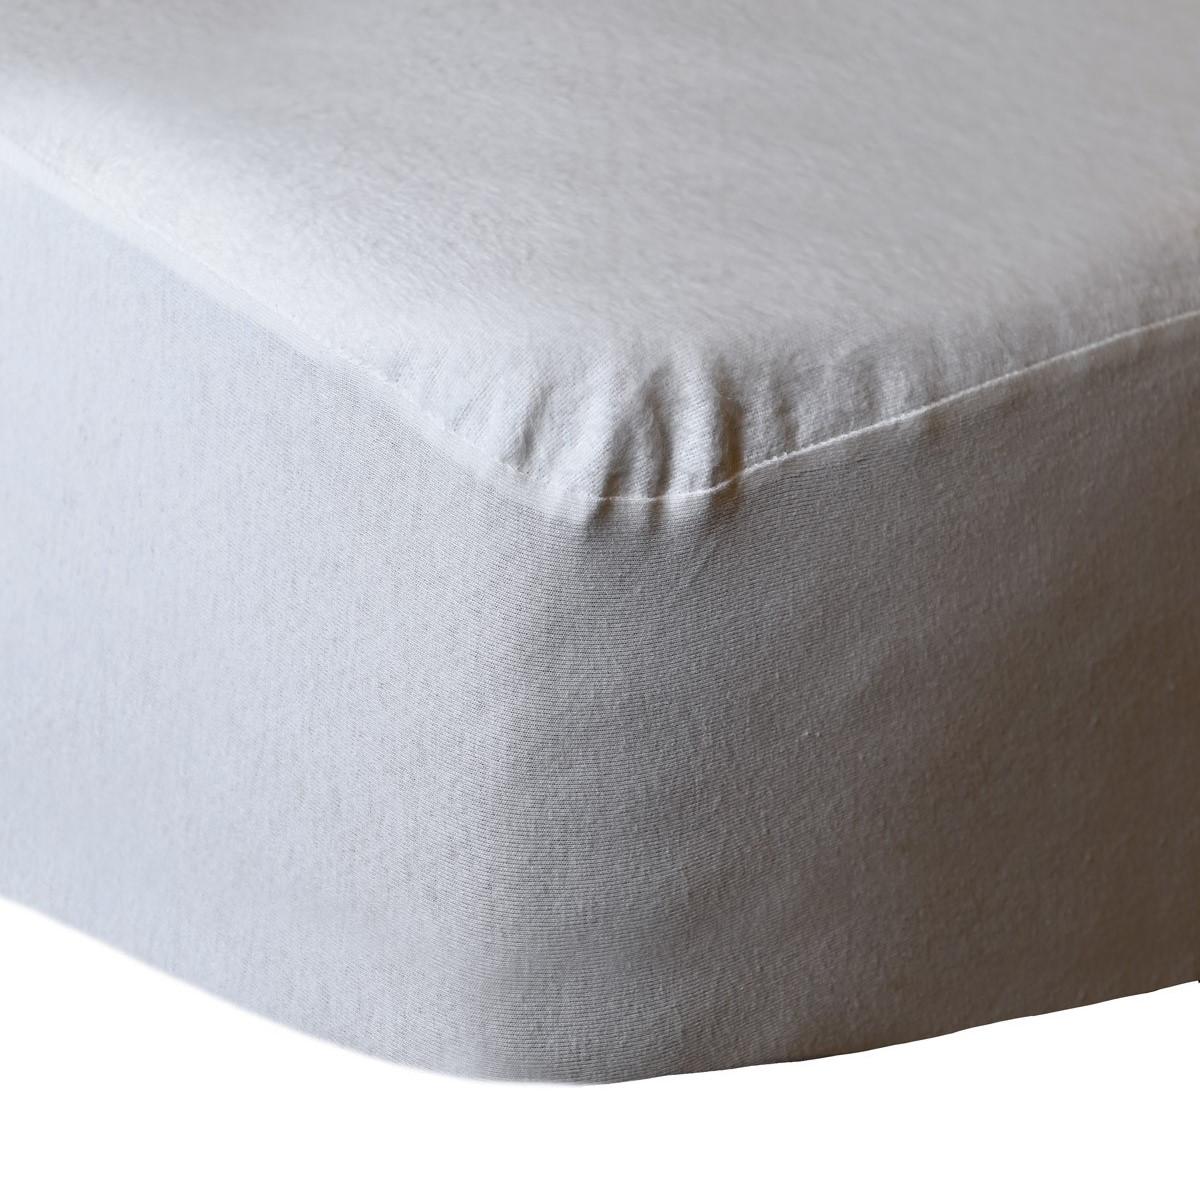 Protège matelas imperméable coton Blanc 180x200 cm